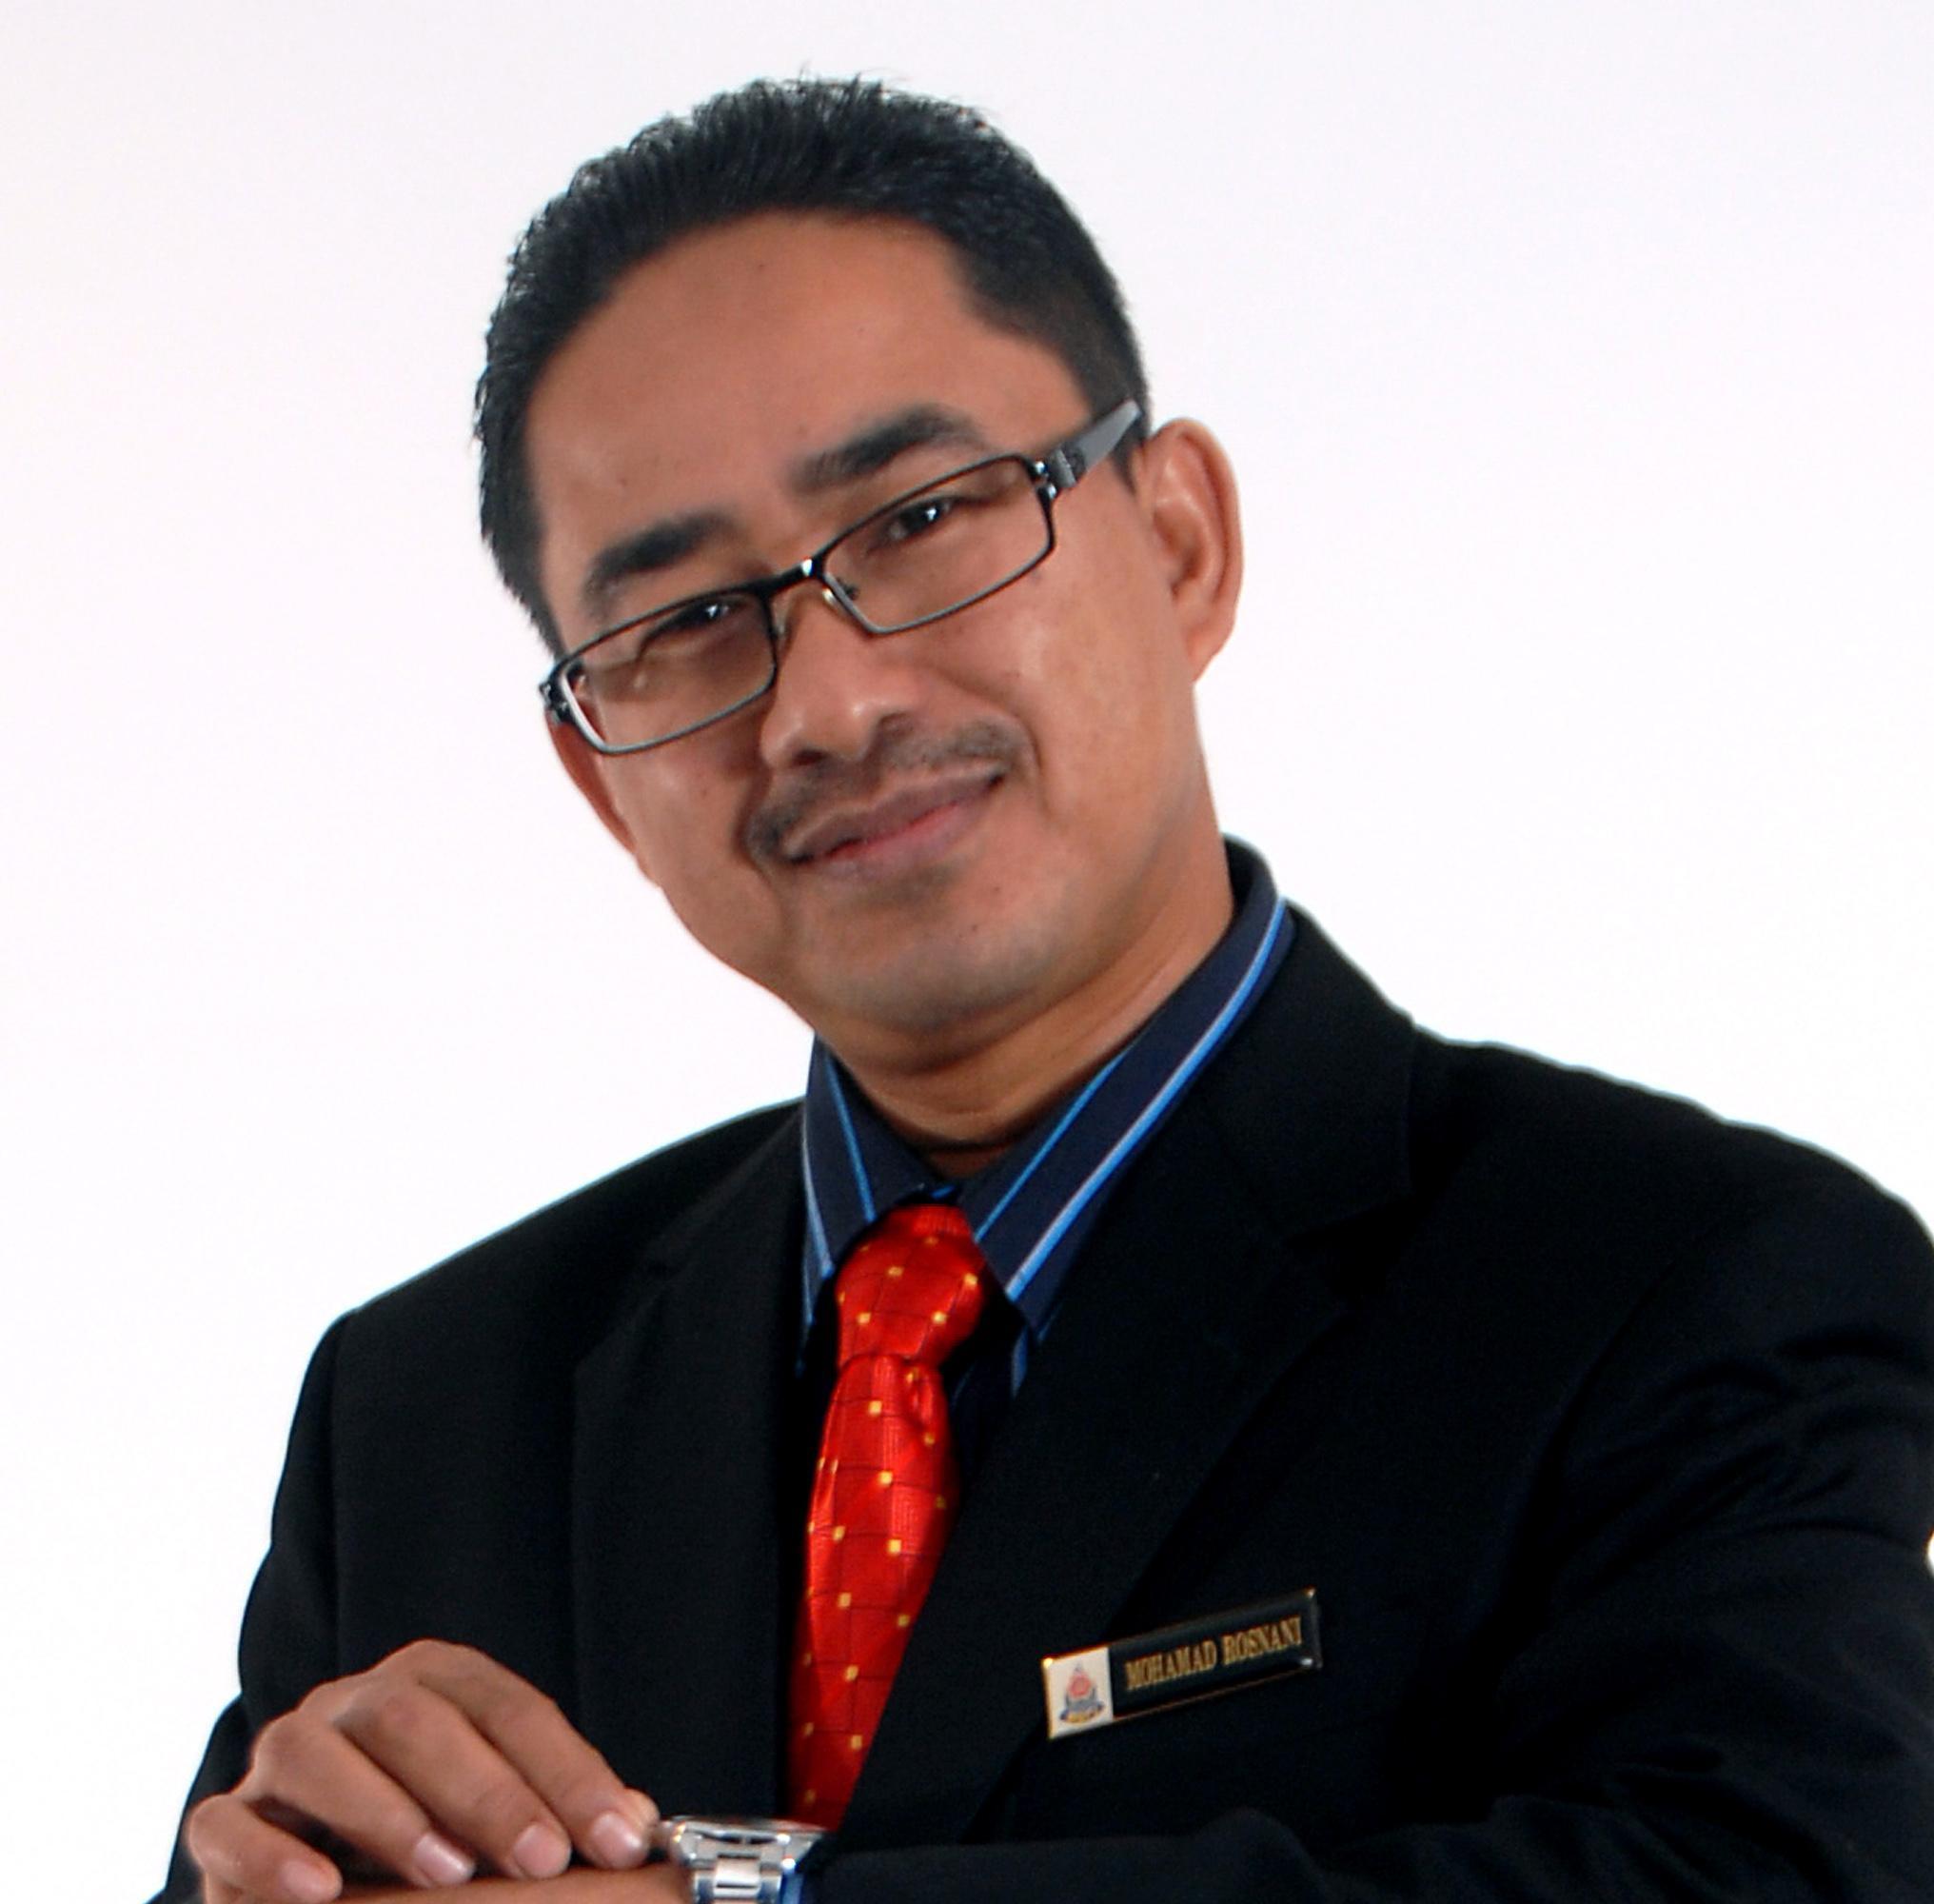 Mohamad Rosnani